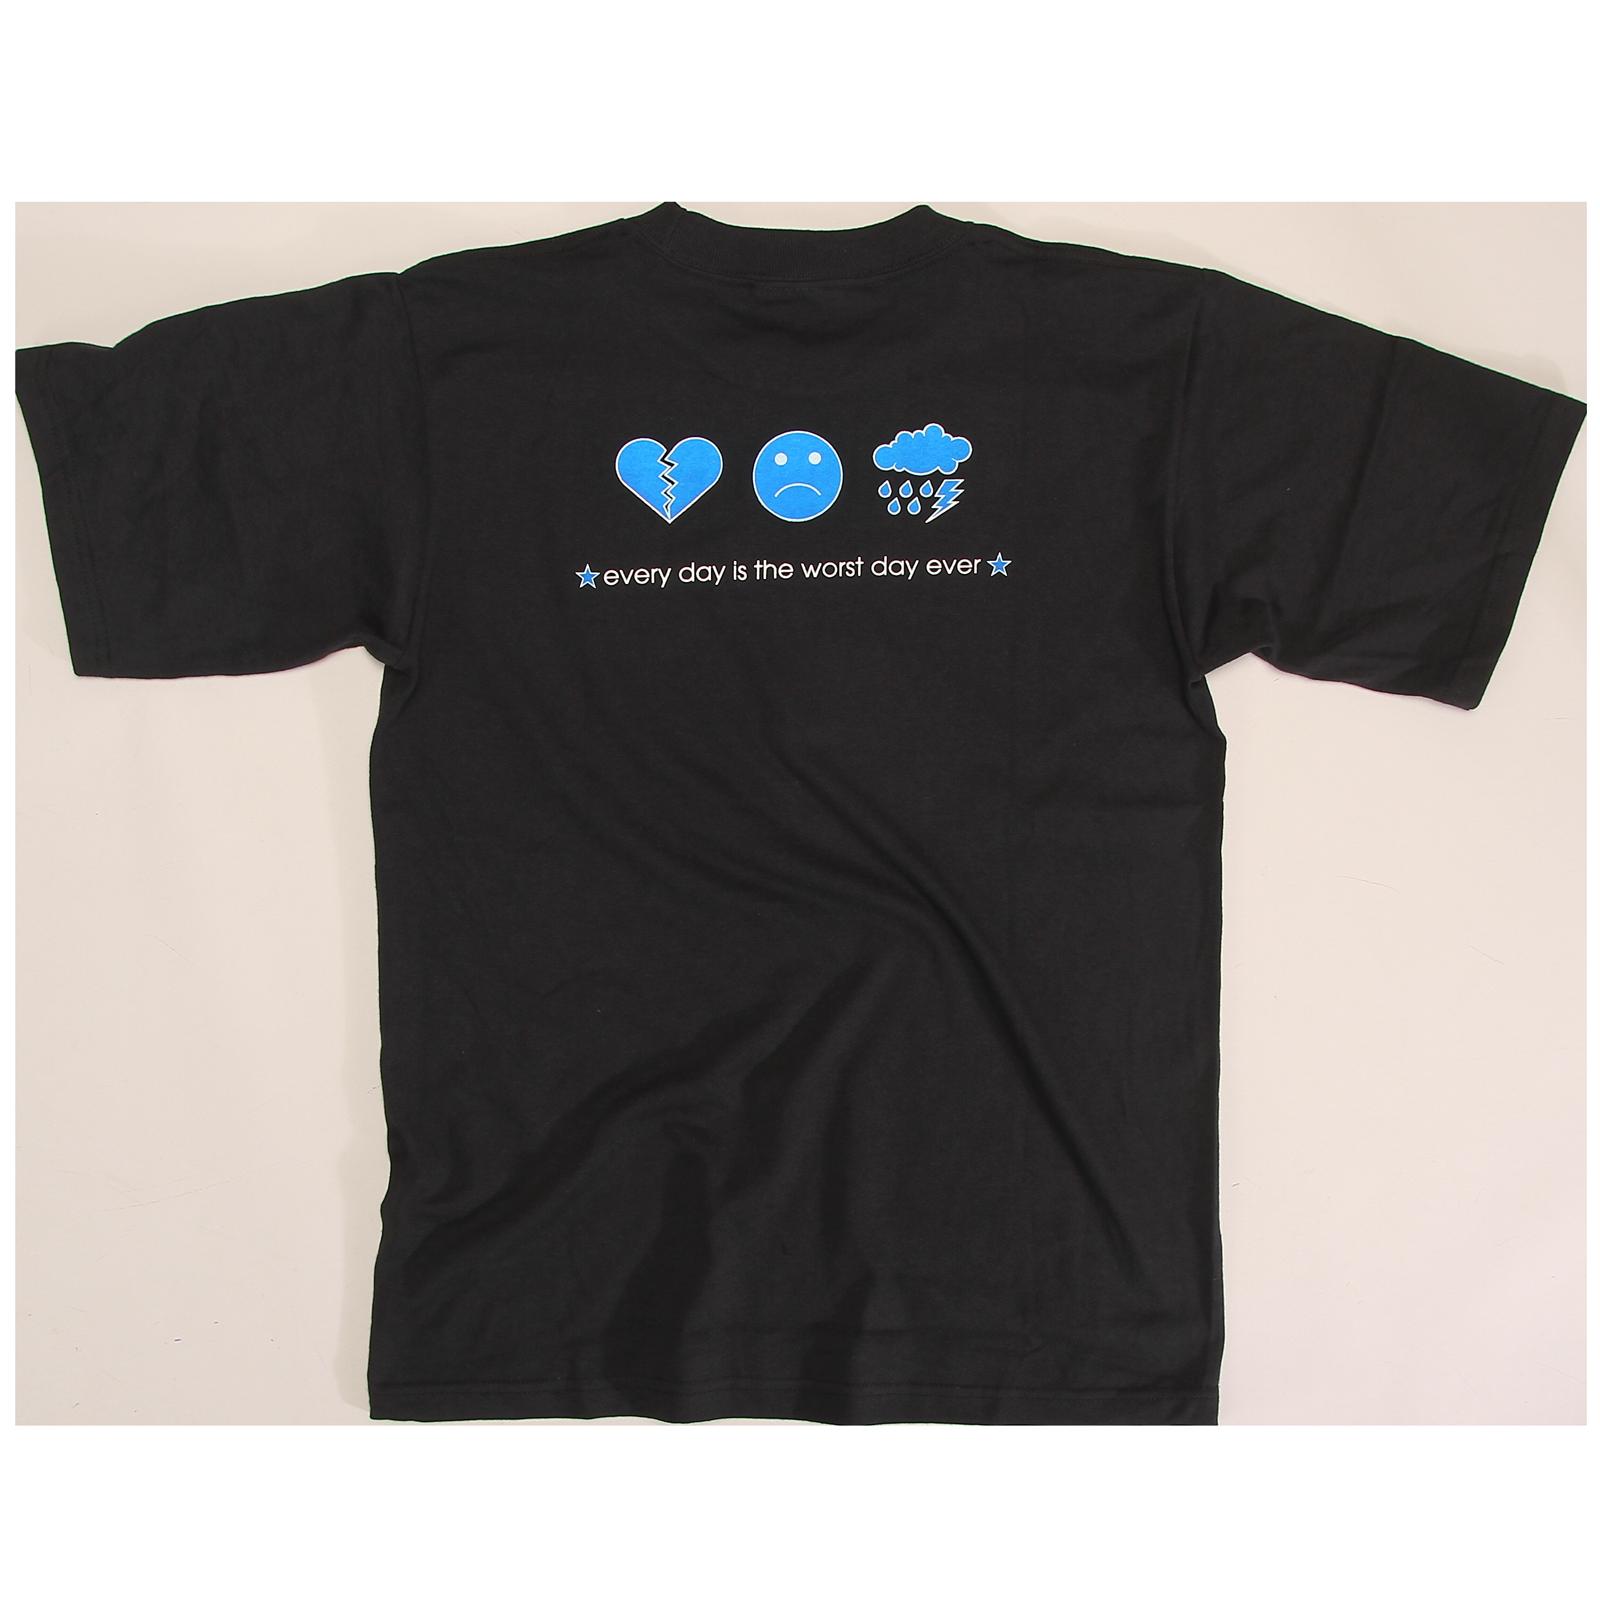 Vintage Sad Face T-Shirt